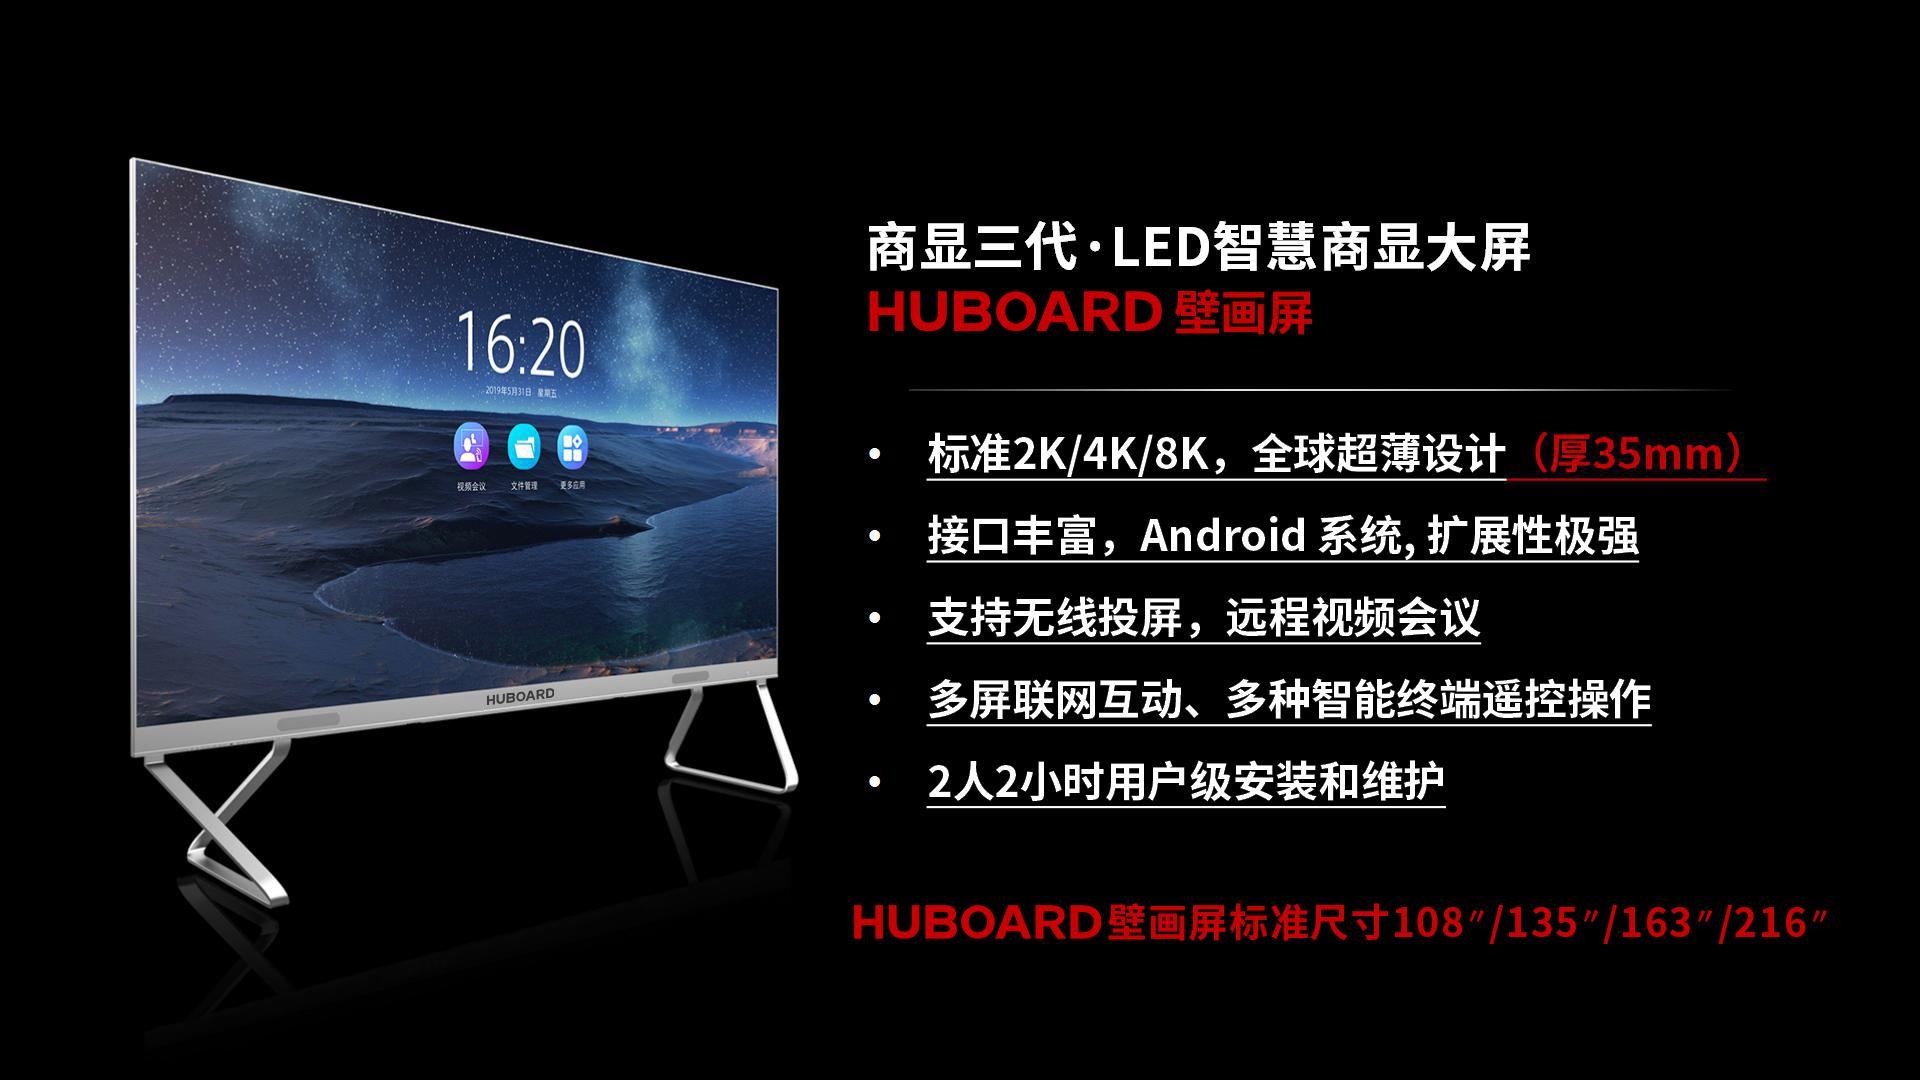 LED商用显示